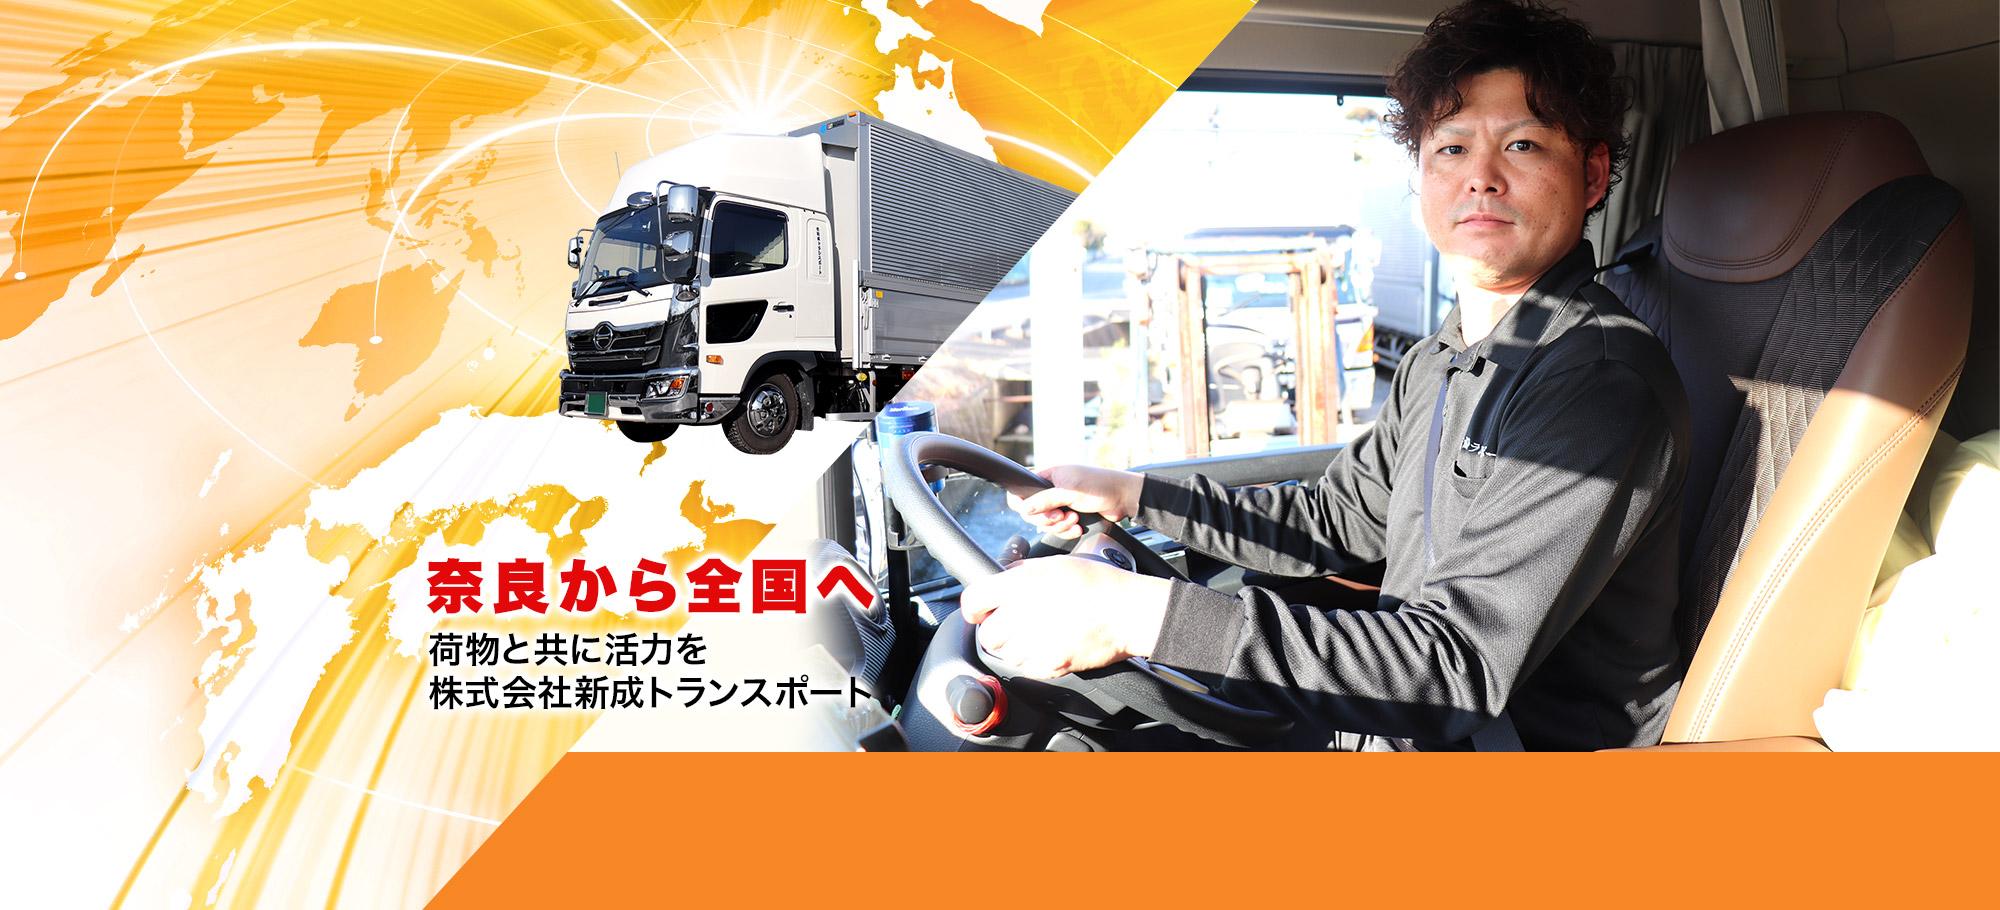 奈良から全国へ荷物と共に活力を「株式会社新成トランスポート」